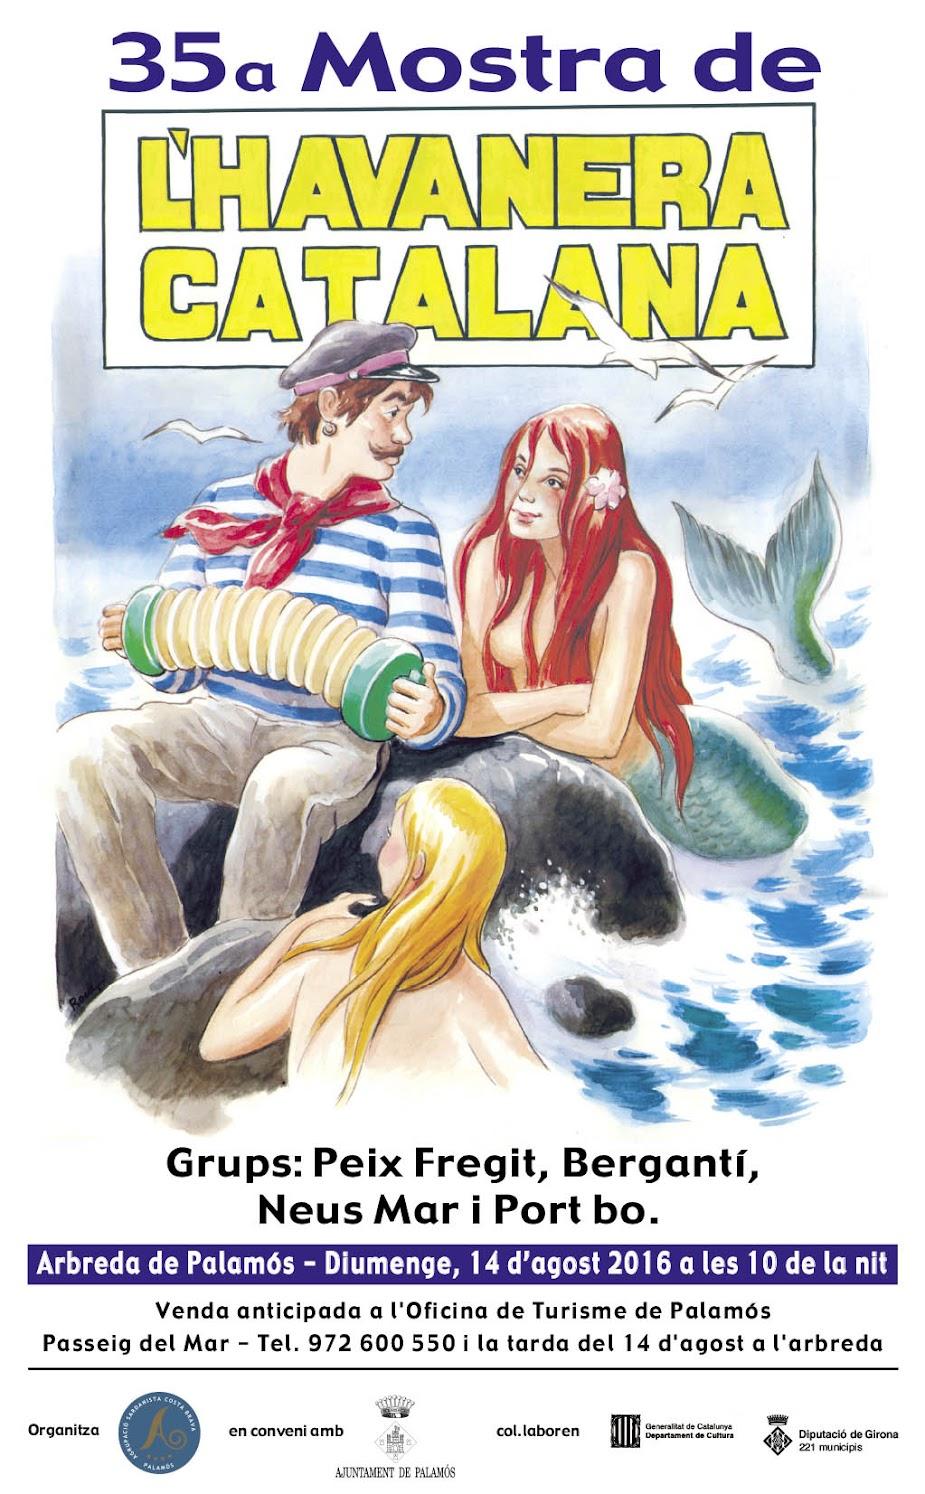 35a Mostra de l'Havanera Catalana